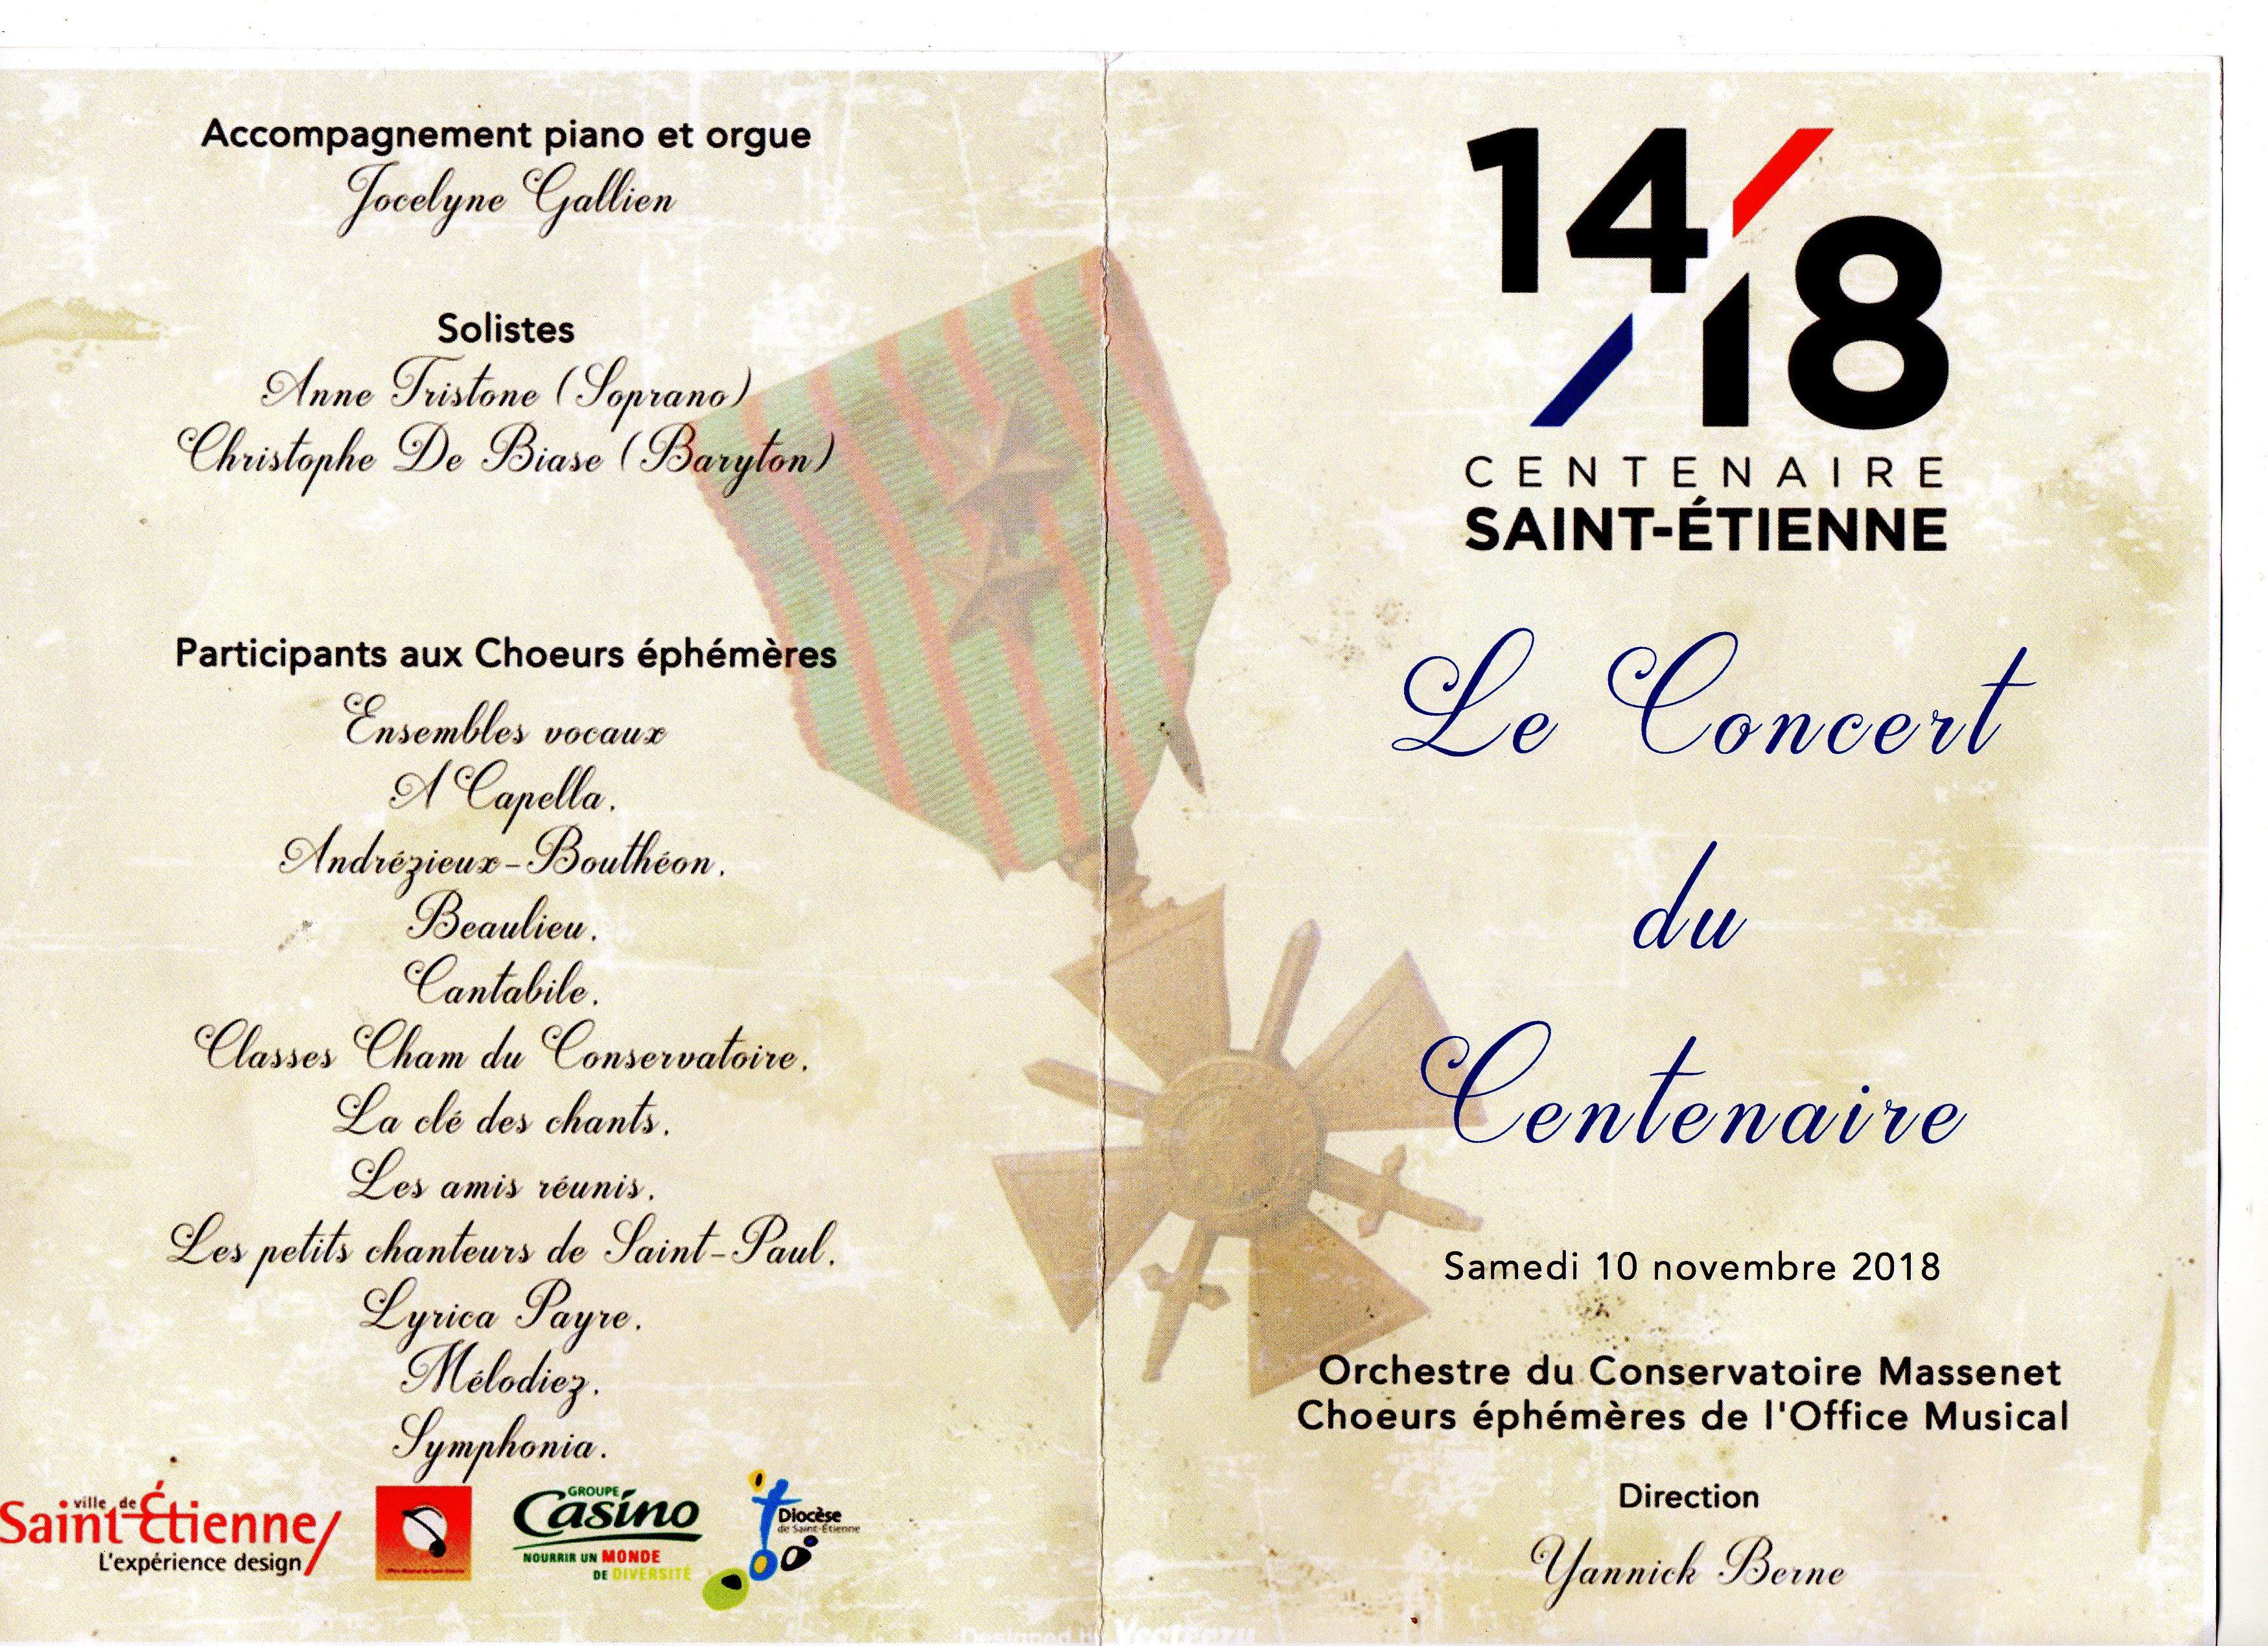 Cathédrale pleine pour voir et écouter ce concert du 10 novembre 2018